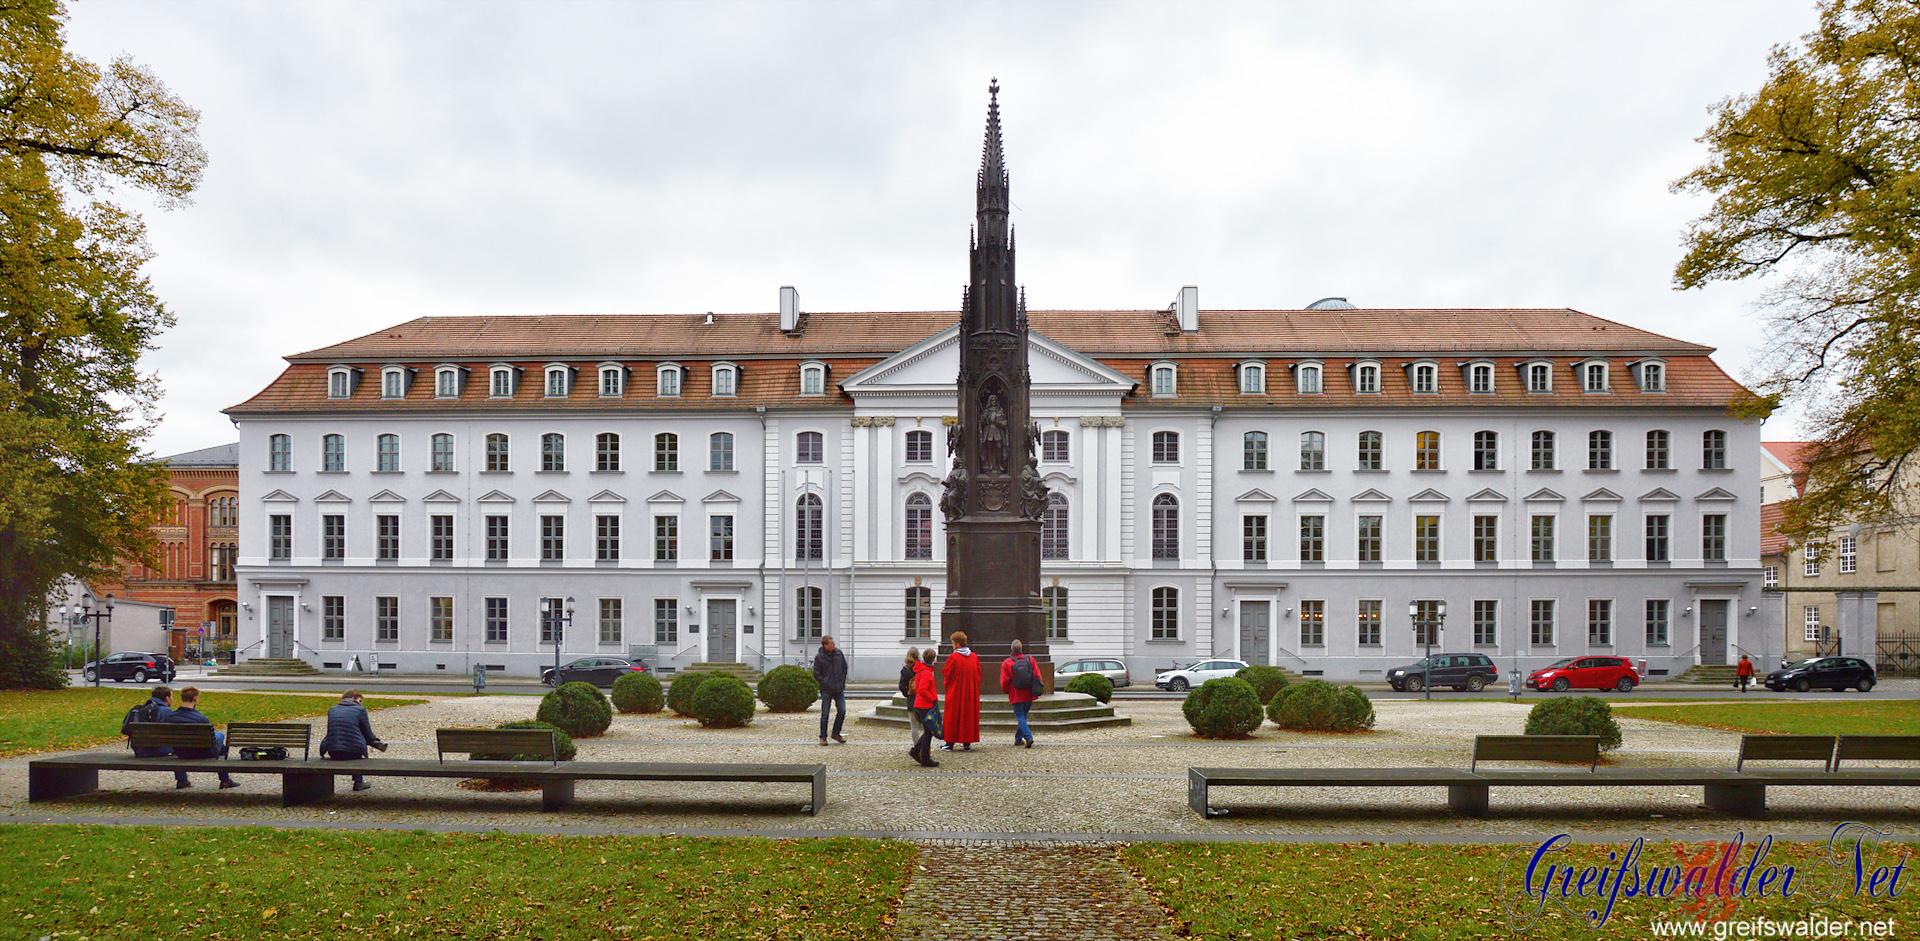 Rubenow-Denkmal vor dem Hauptgebäude der Universität Greifswald